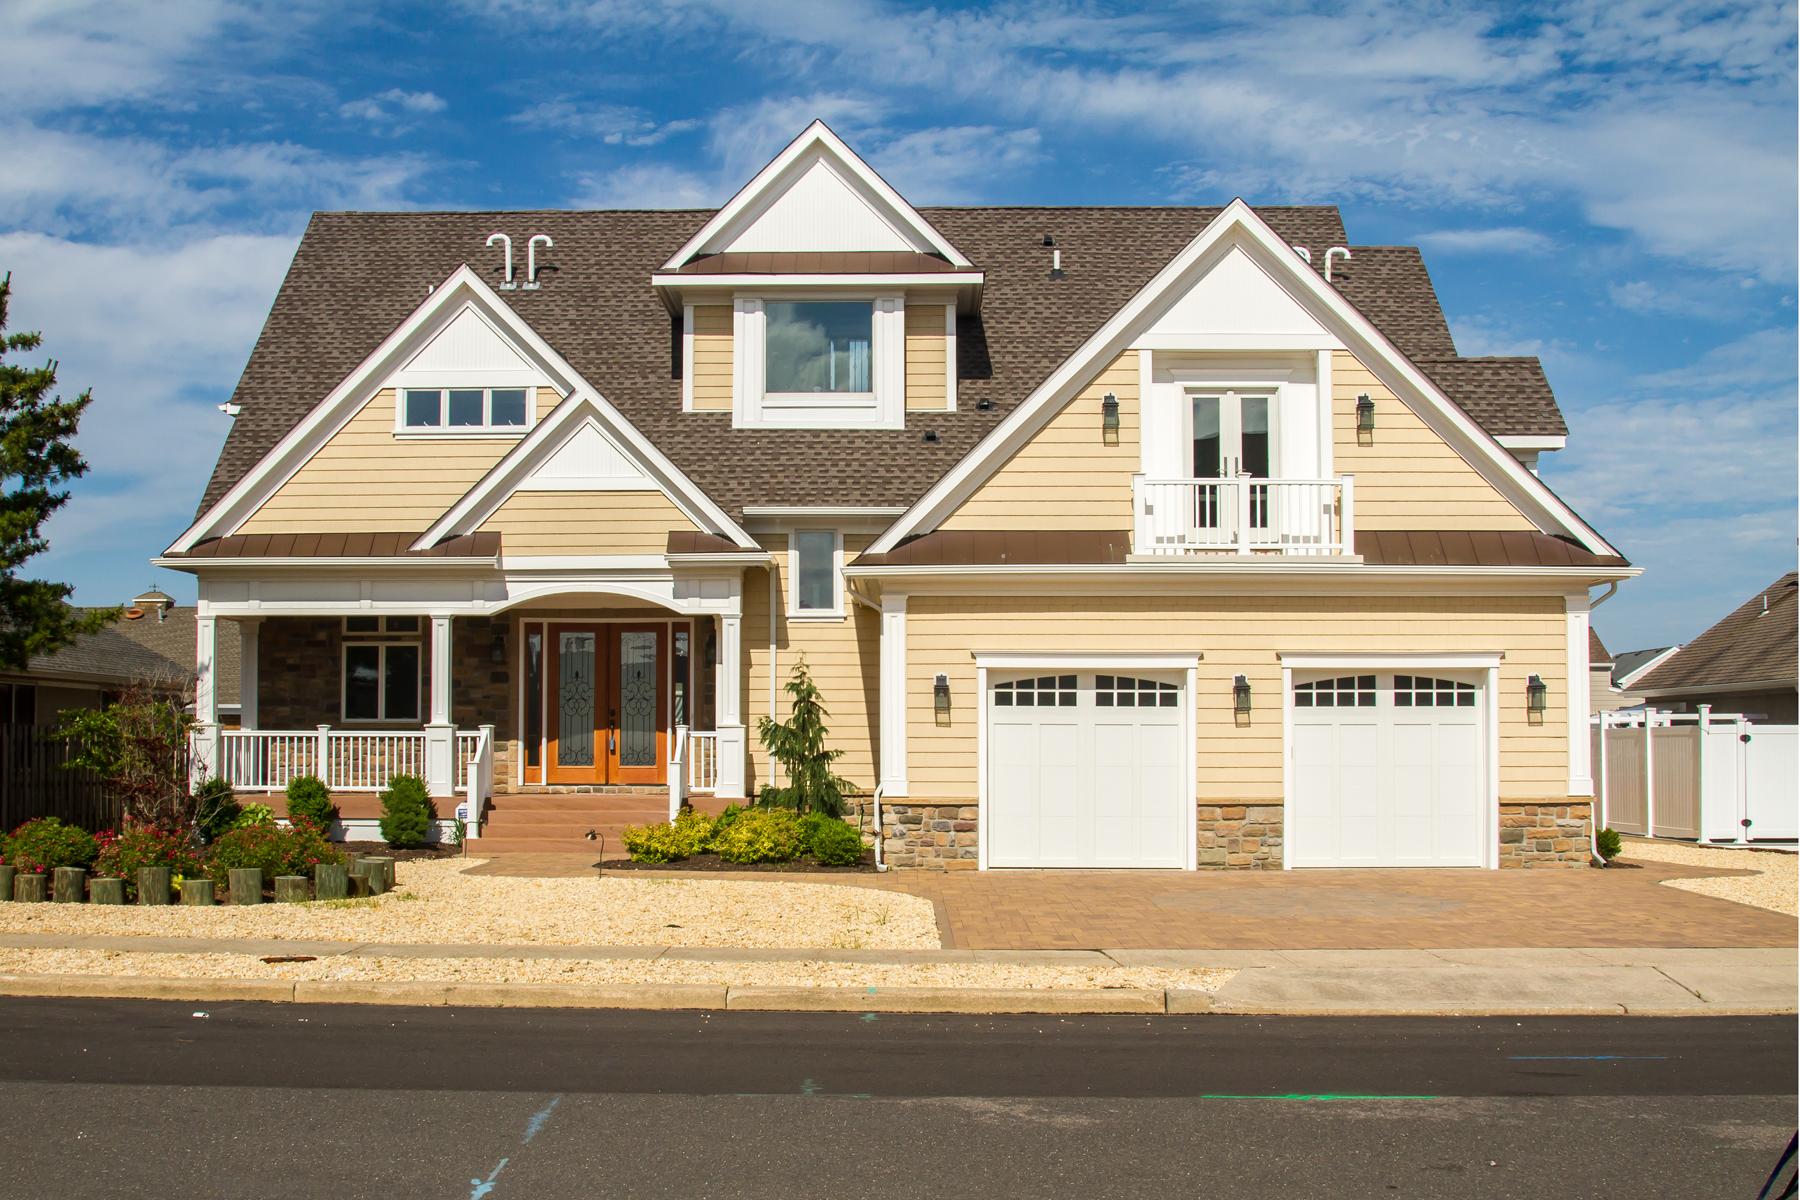 Casa Unifamiliar por un Venta en Stunning Custom Built Lagoon Front Home 206 Valhalla Drive Mantoloking, Nueva Jersey 08738 Estados Unidos